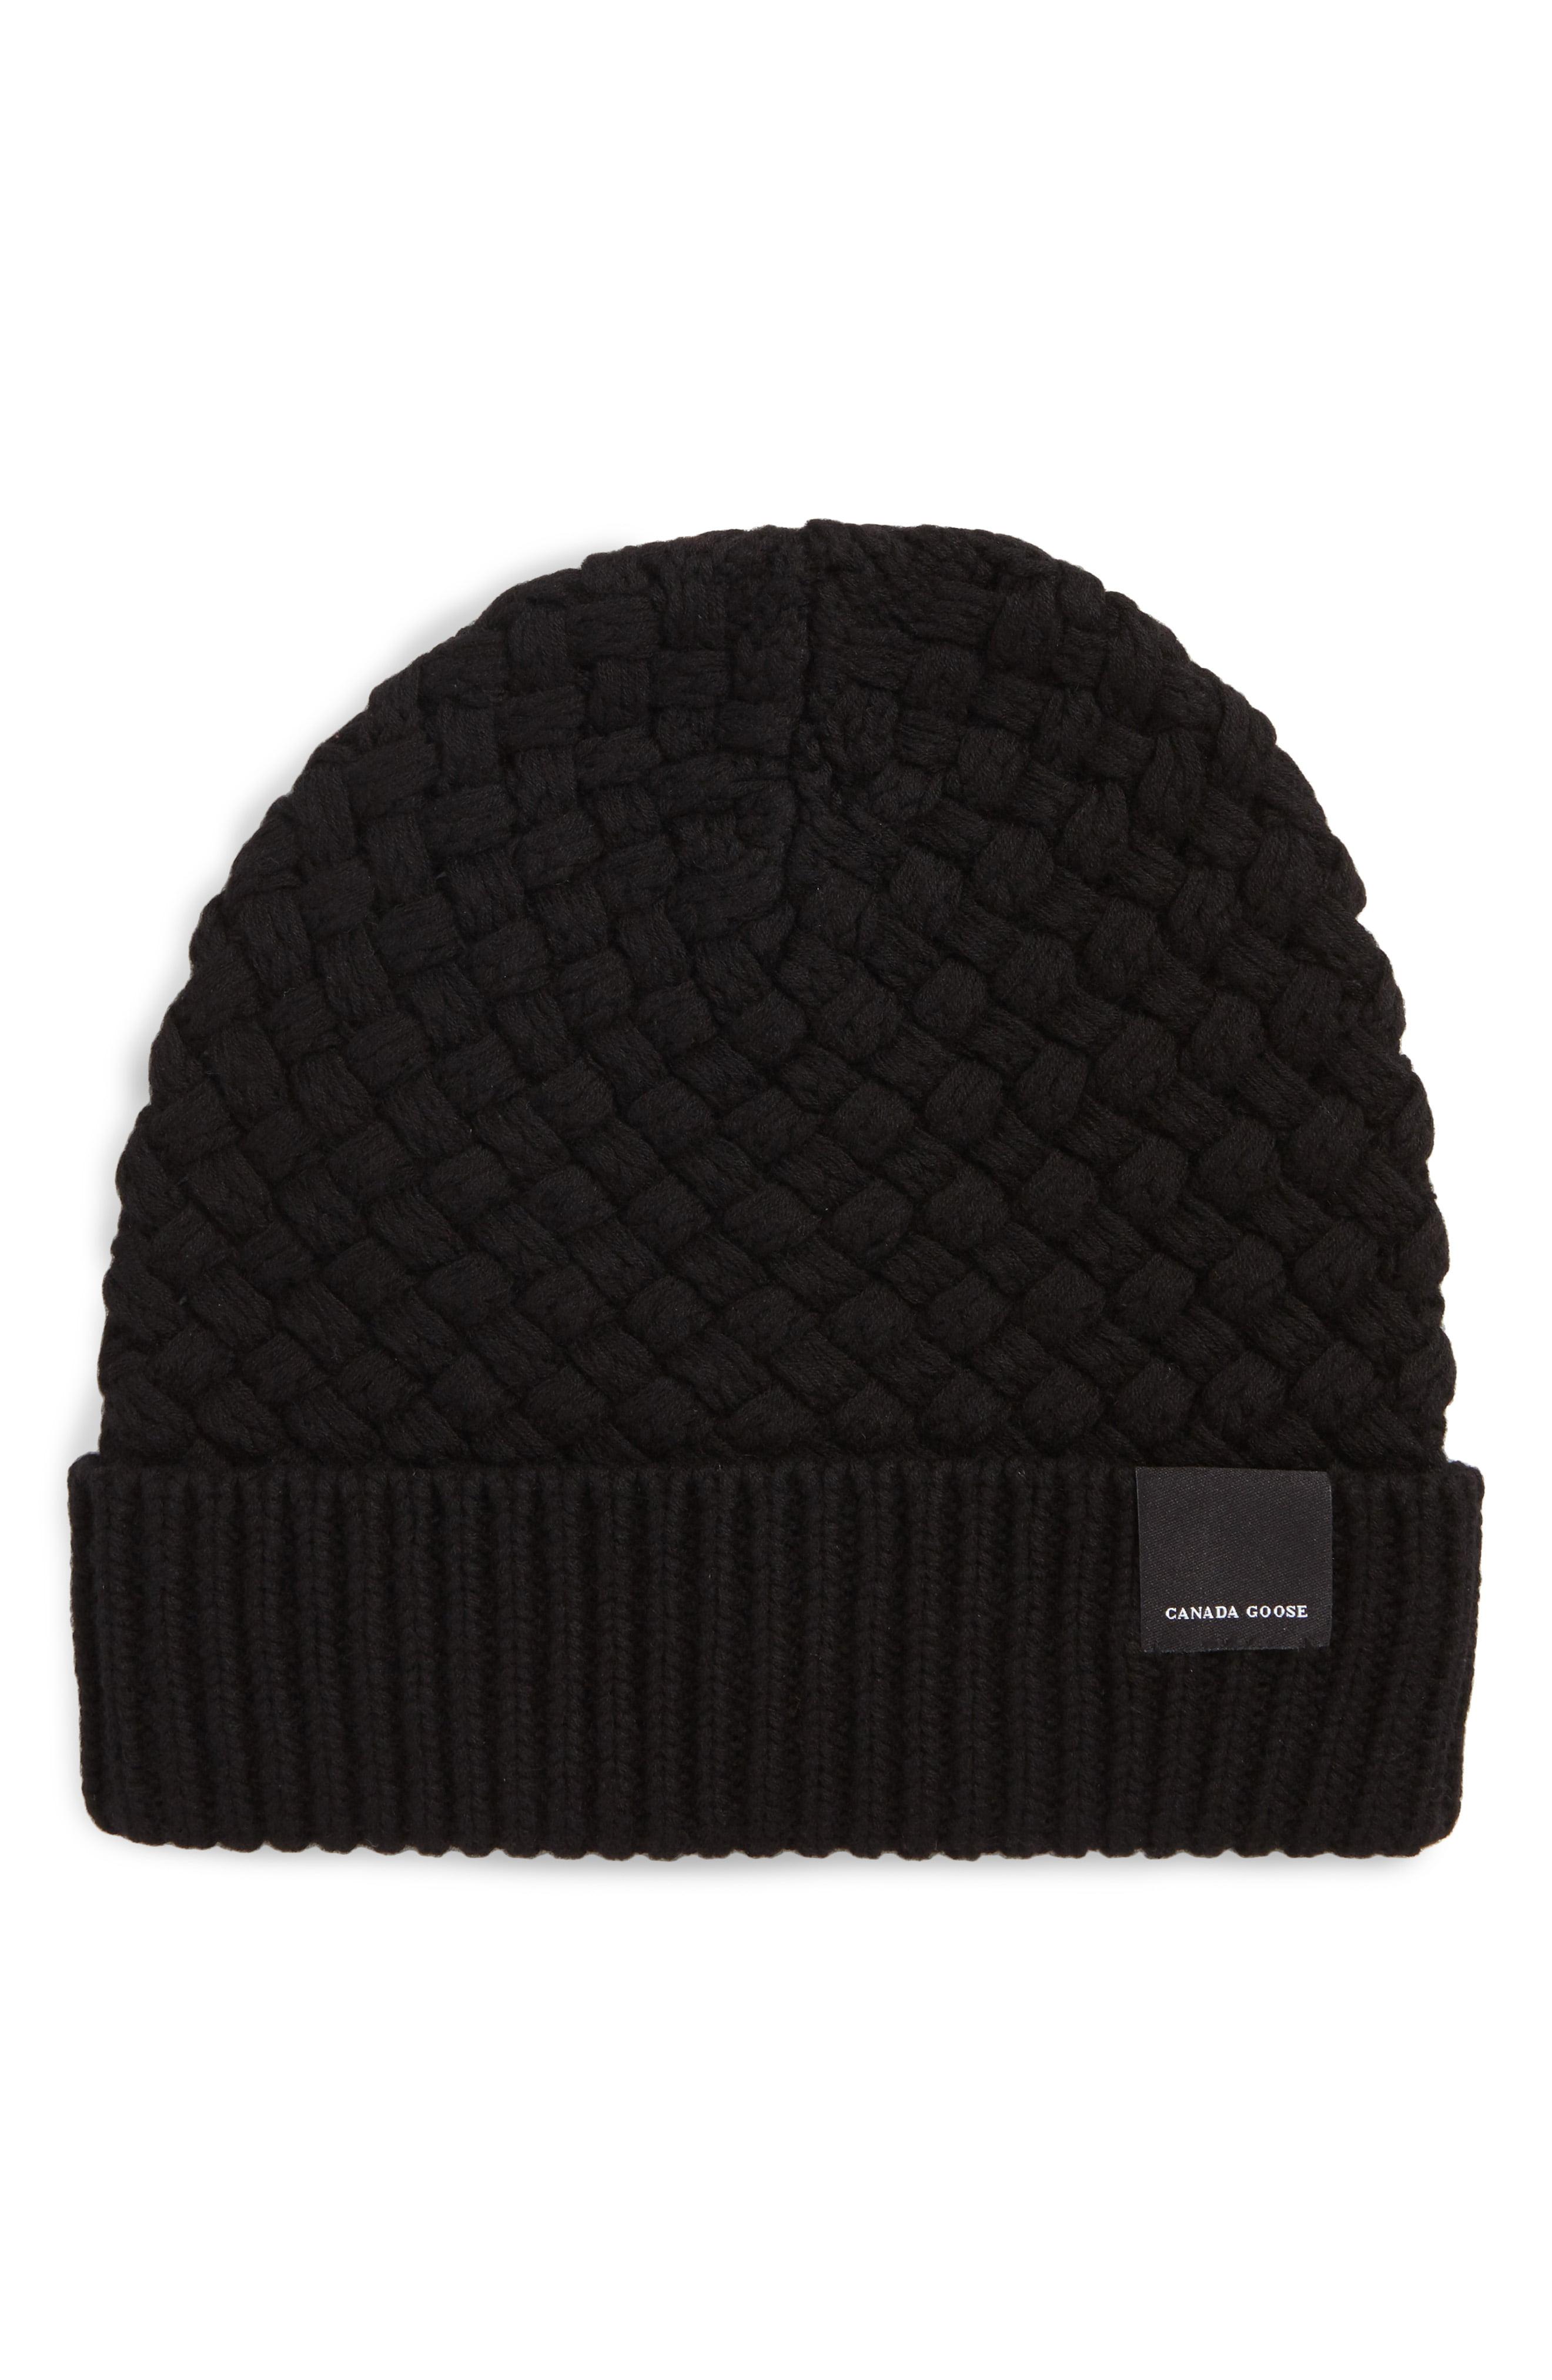 9615eab7d4a Canada Goose Merino Wool Basket Stitch Beanie –